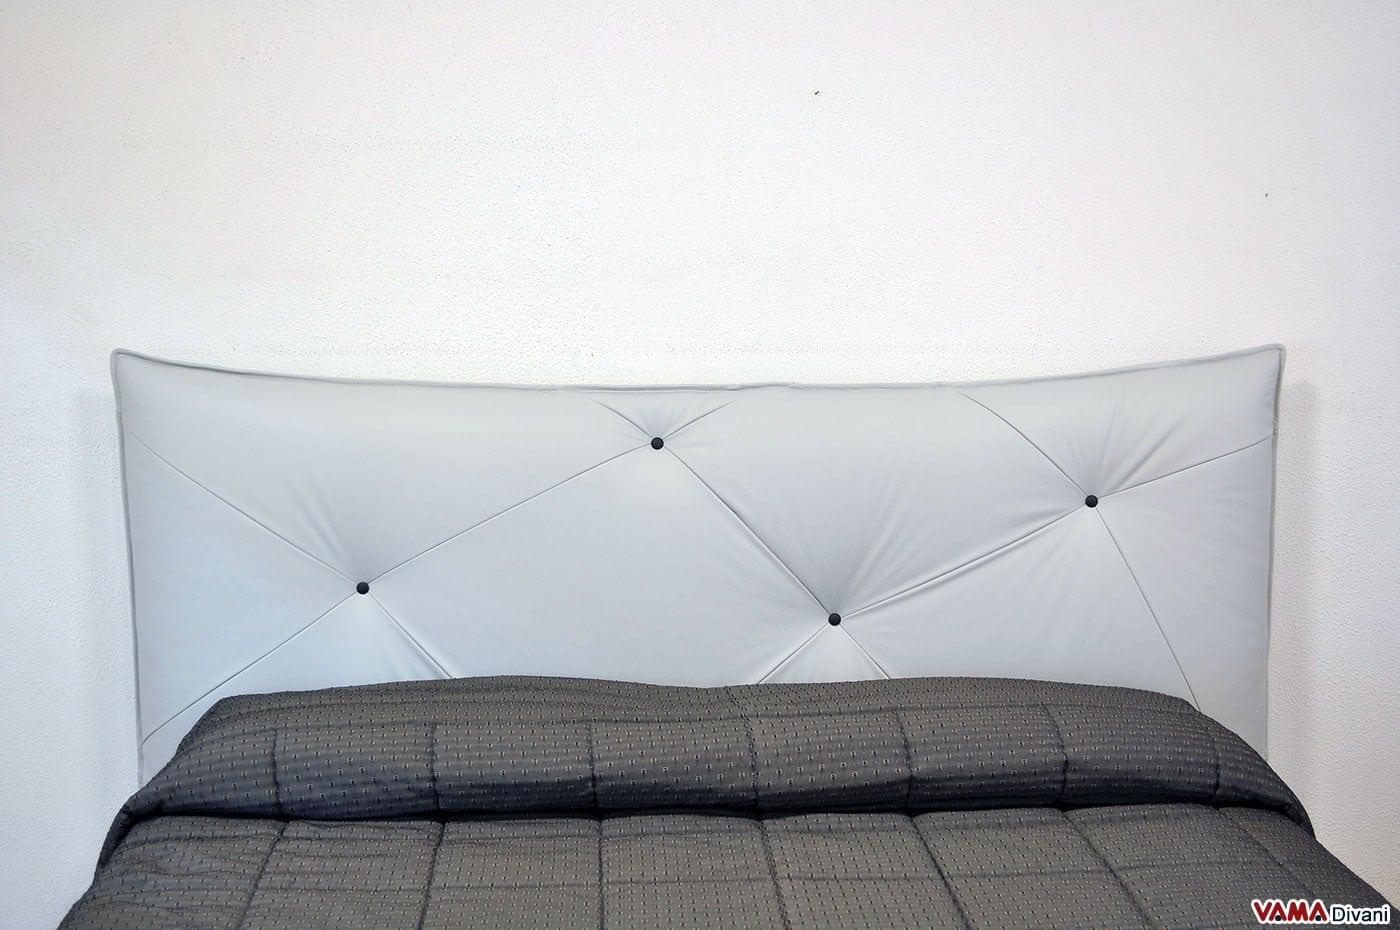 Letto matrimoniale di design duty vama divani - Testiera letto design ...